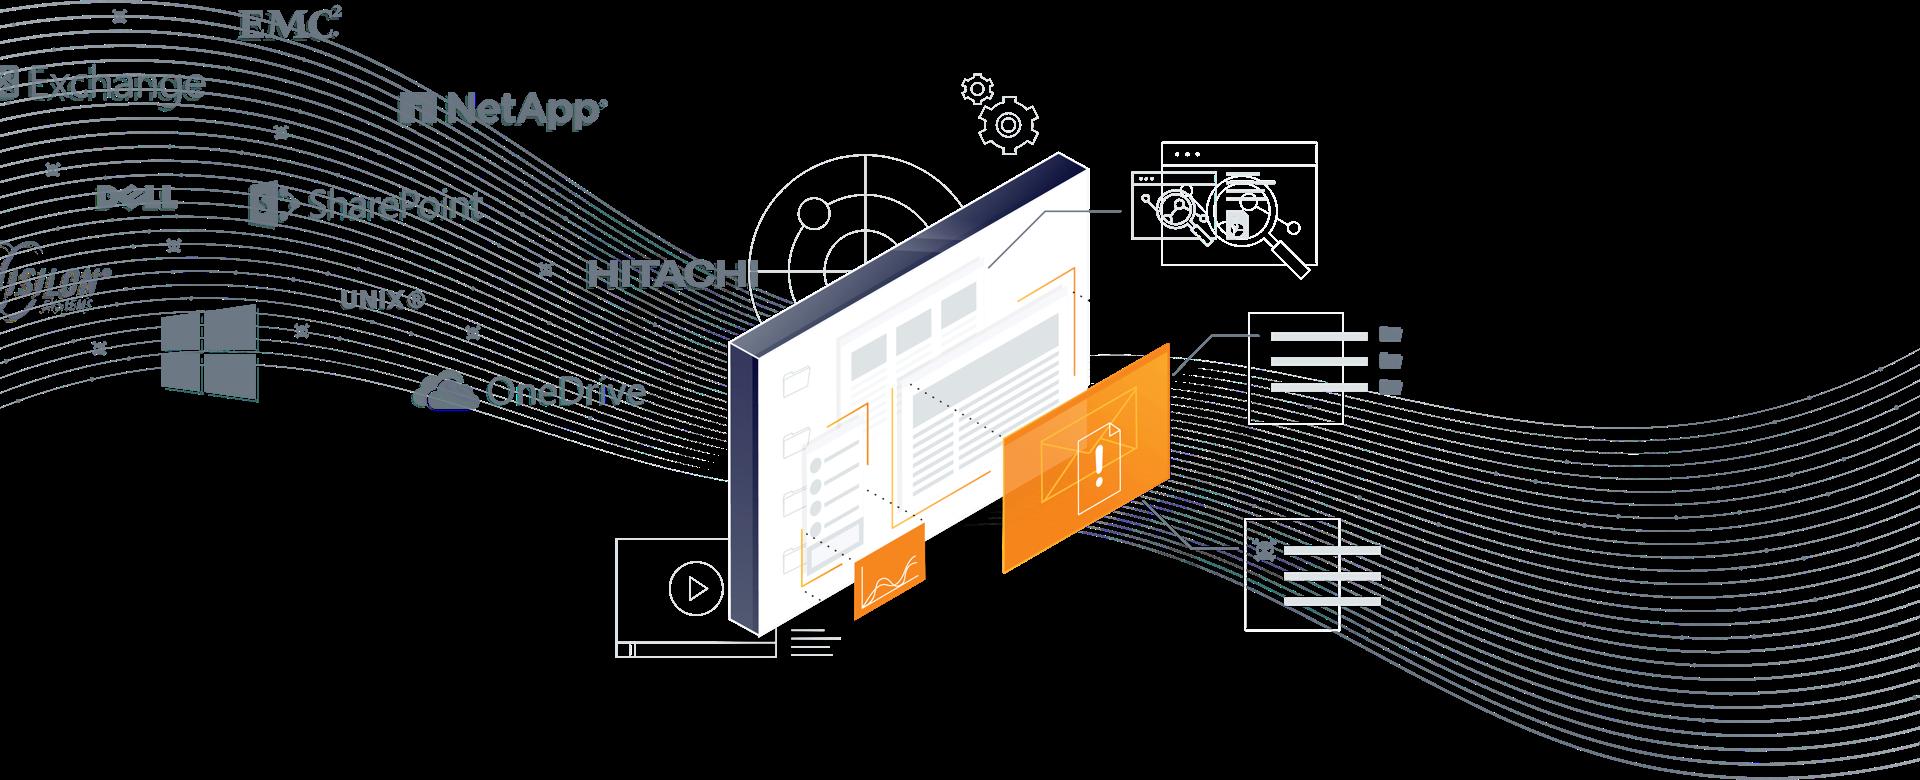 DatAlert Graphic 2018-10-22